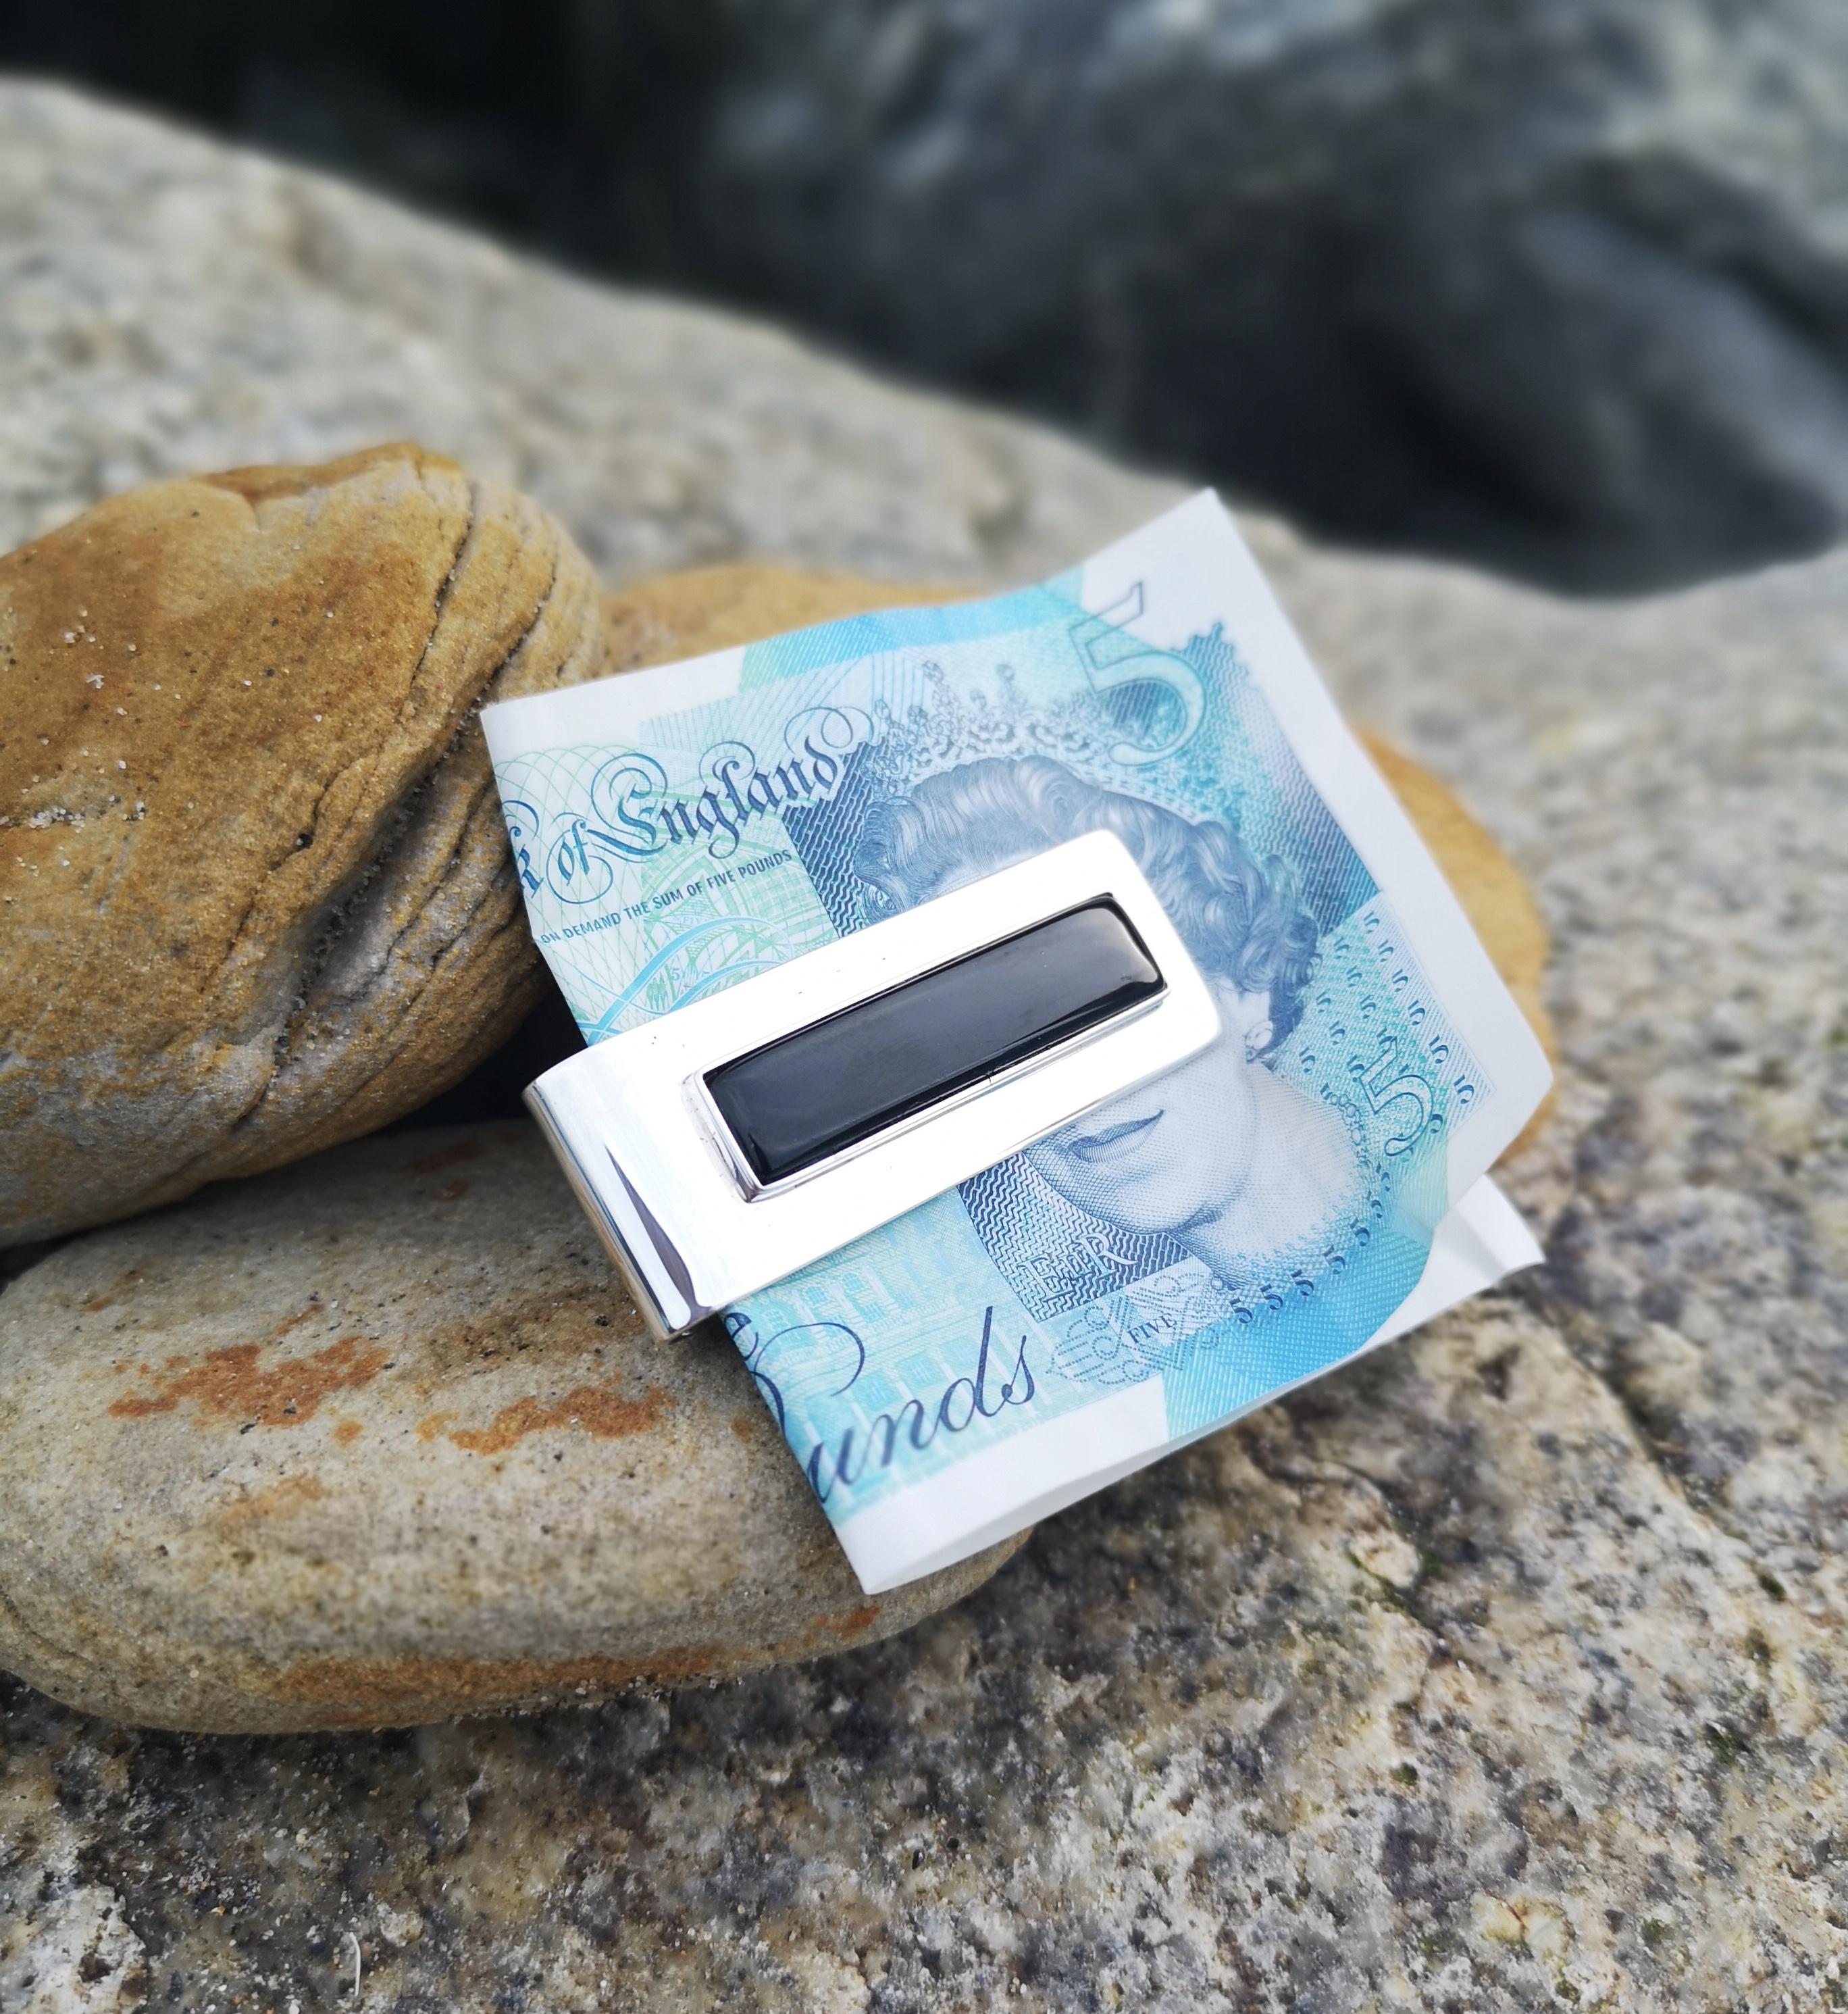 Whitby Jet money clip